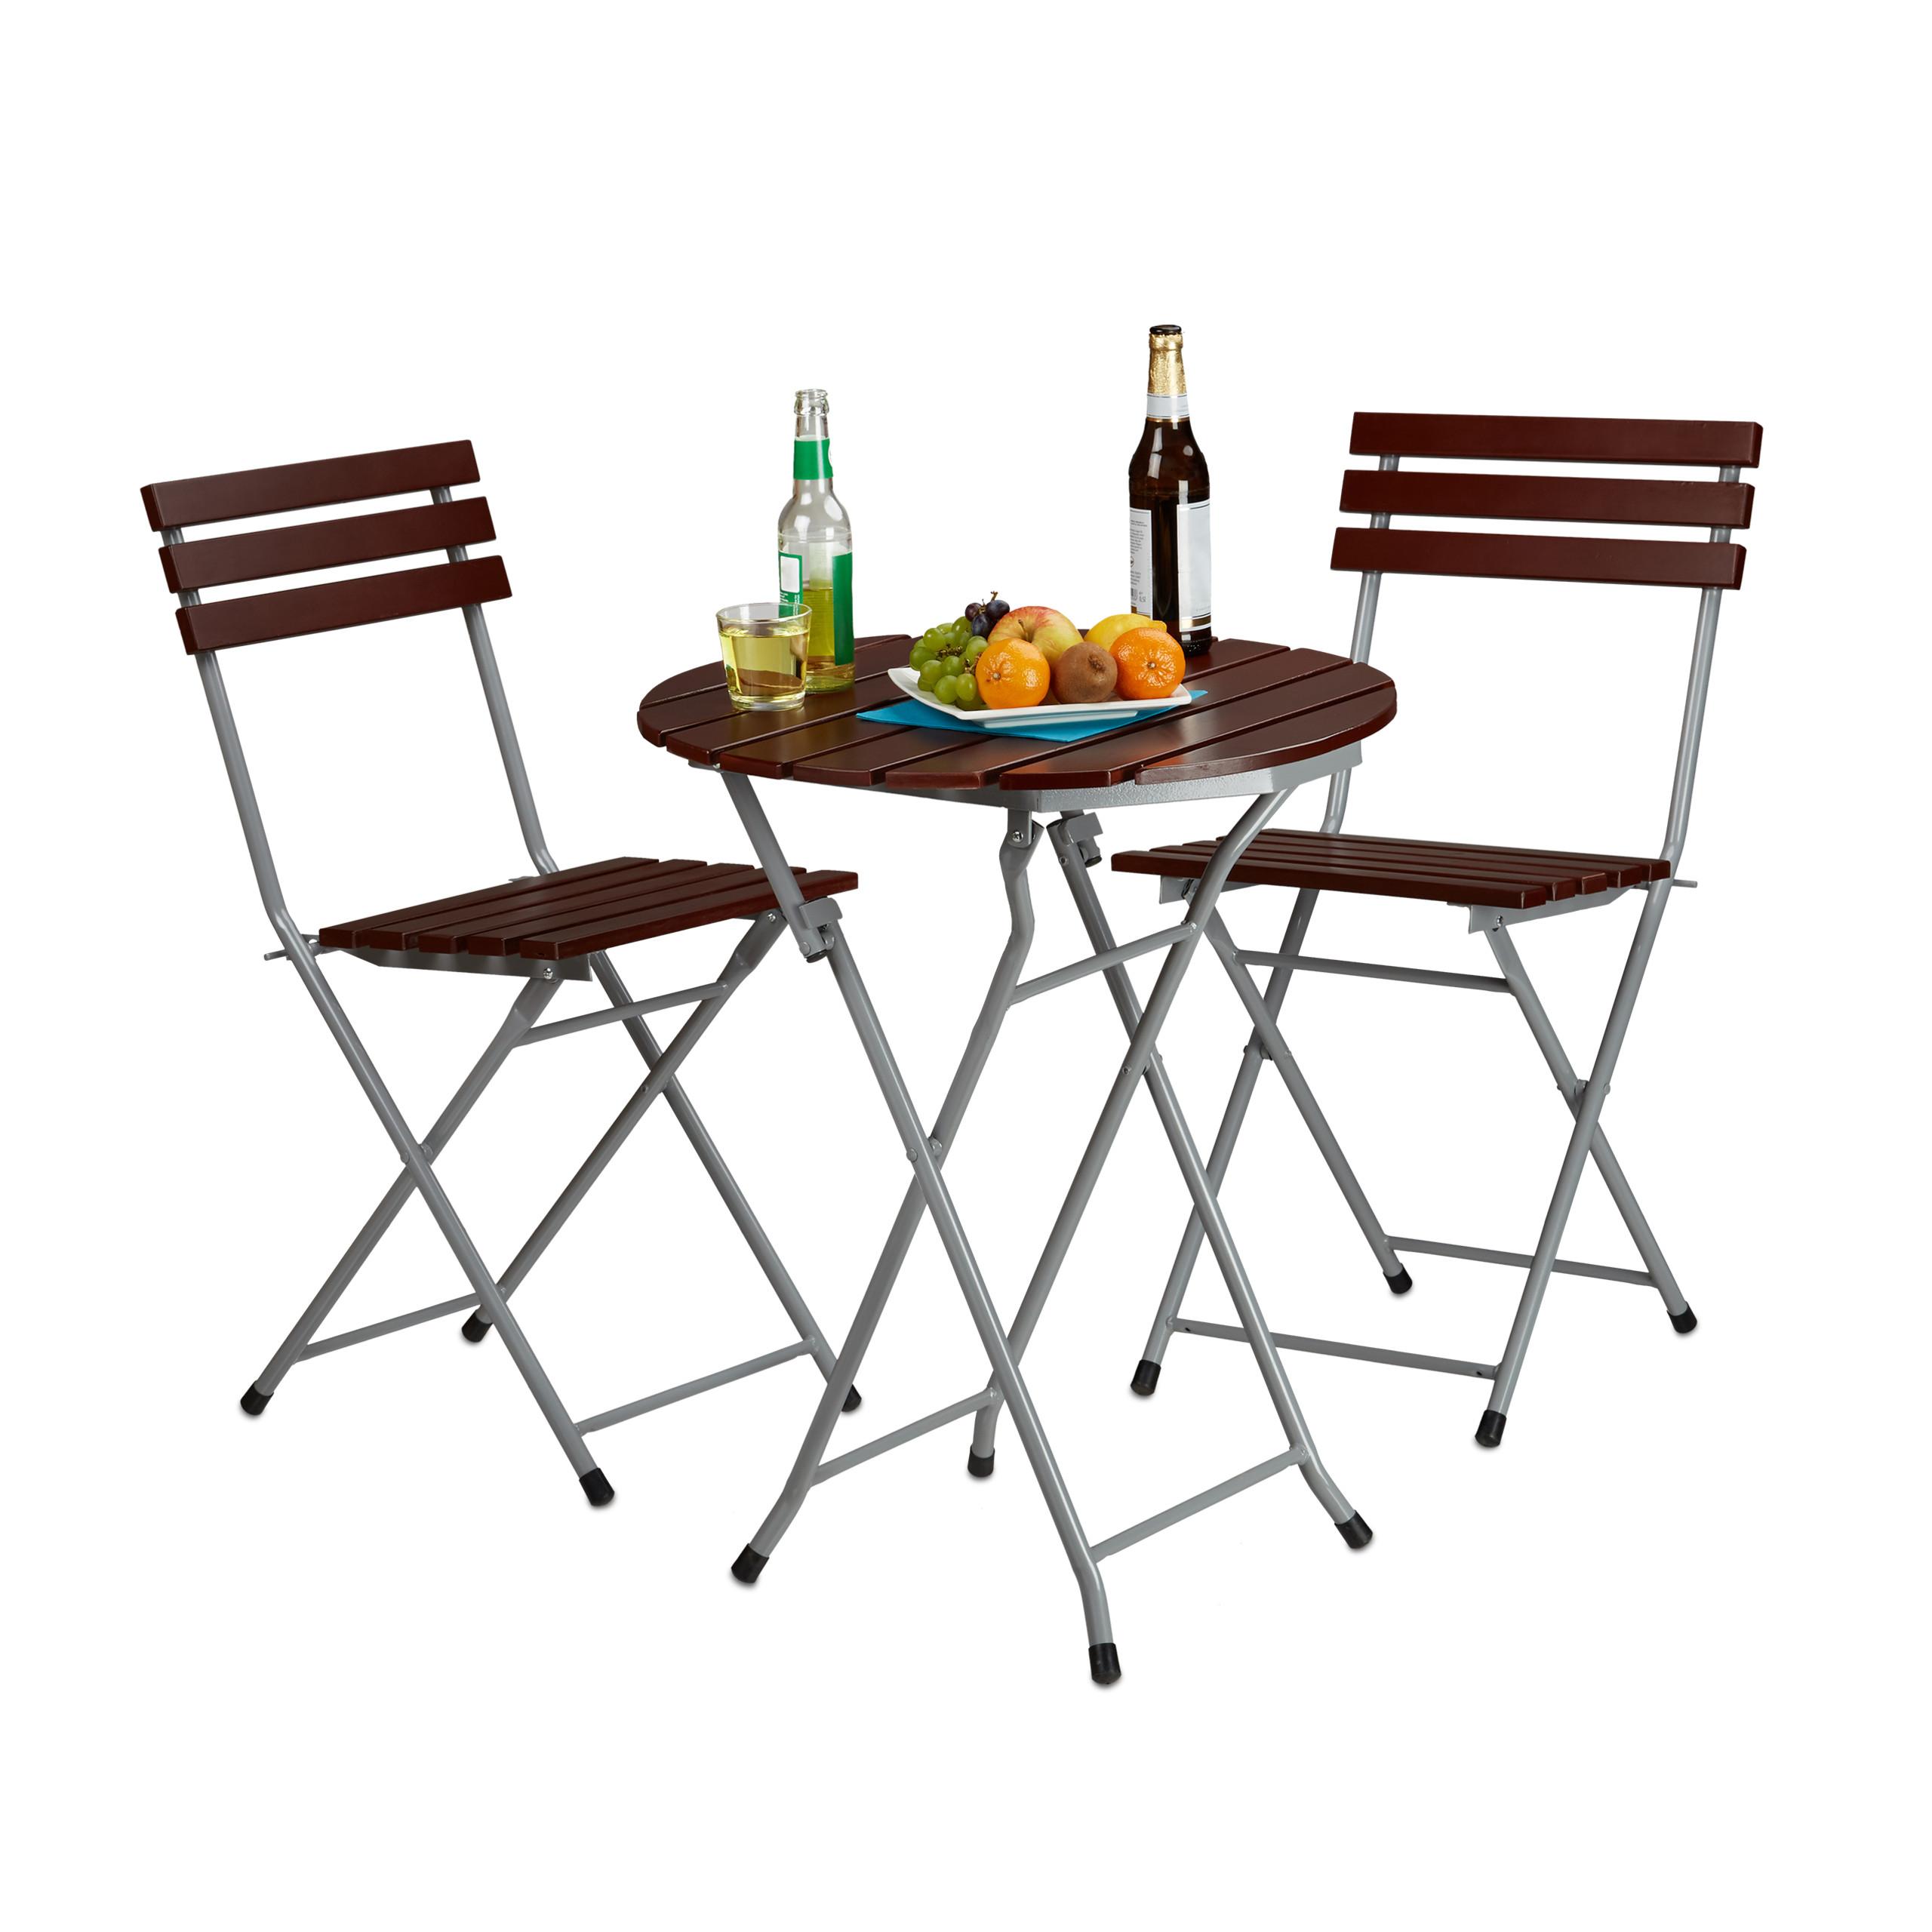 Ensemble table et 2 chaises de jardin pliables en bois marron brun ...